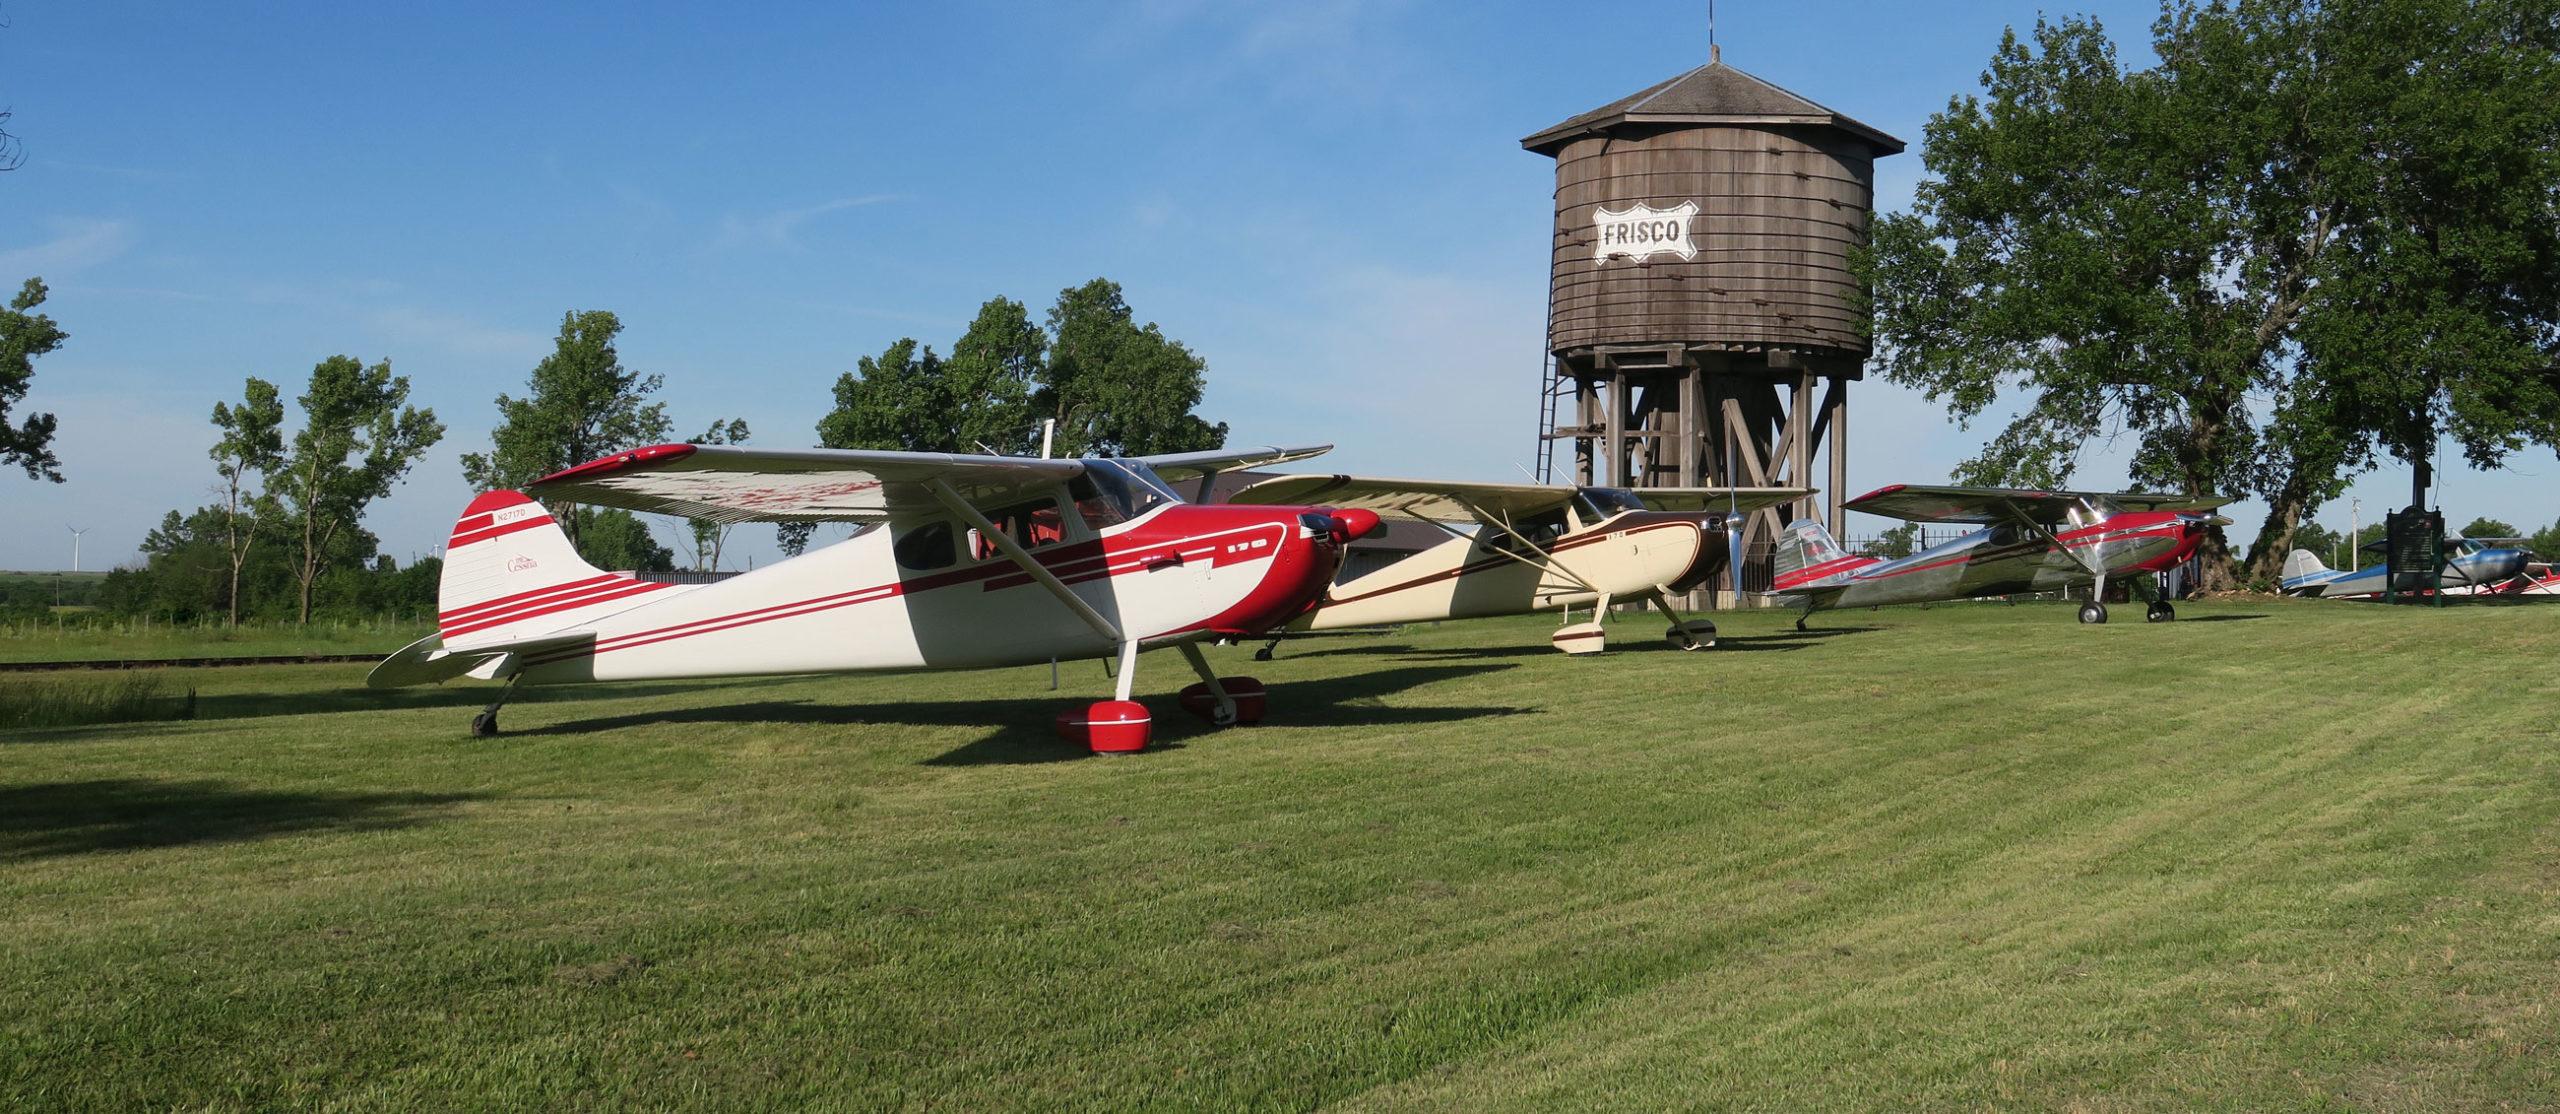 Cessna 170 Models